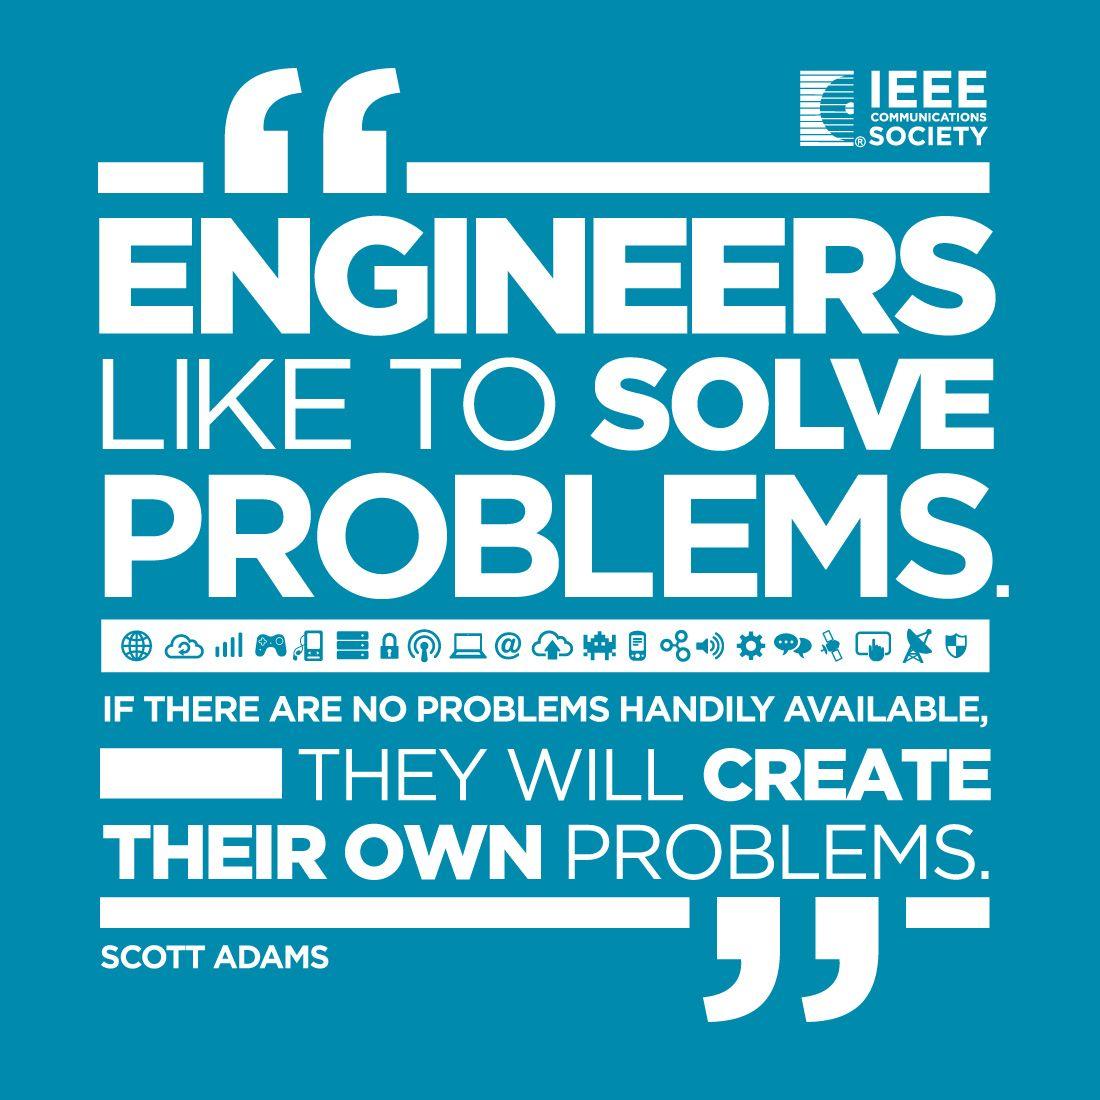 Ieeecomsoc Engineering Quotes Ieee Communications Society Engineering Quotes Engineering Humor Quotes Funny Engineering Quotes